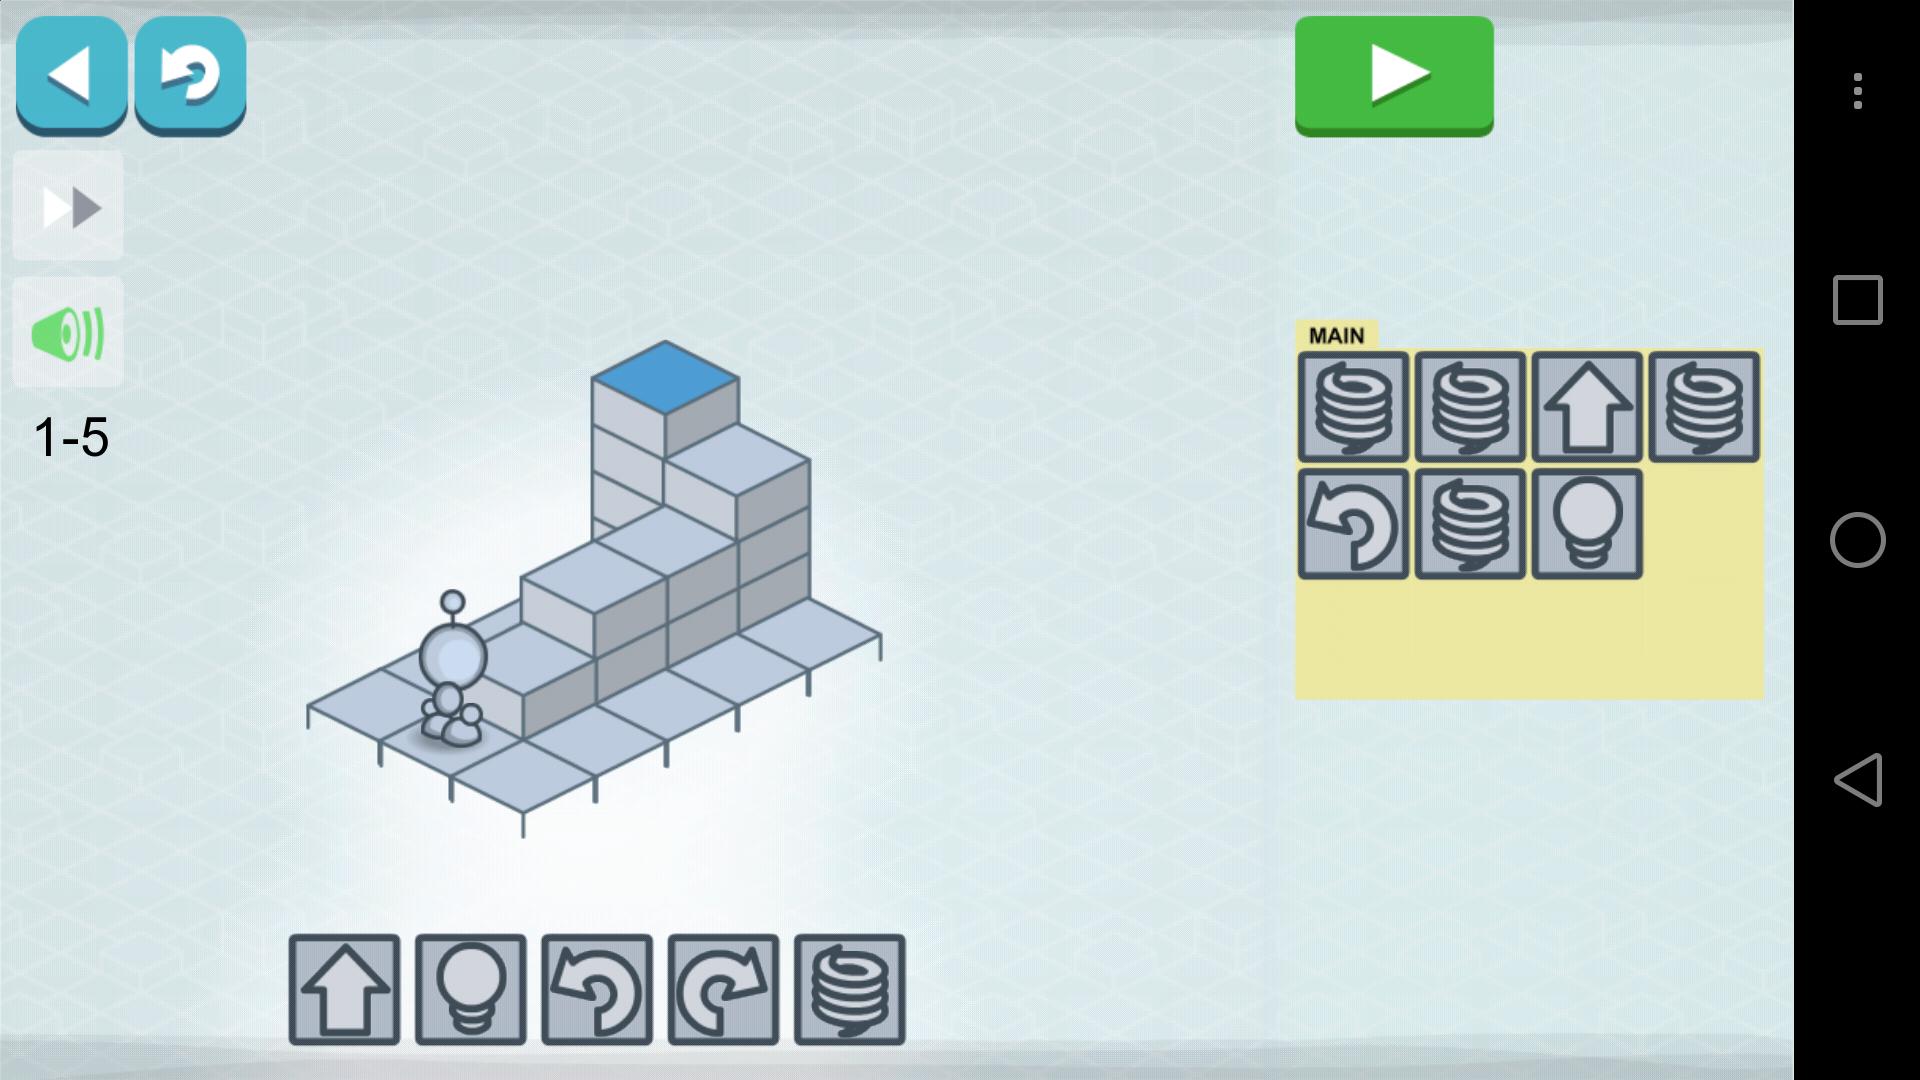 コマンドブロックを並べてロボットの動きをプログラミングする